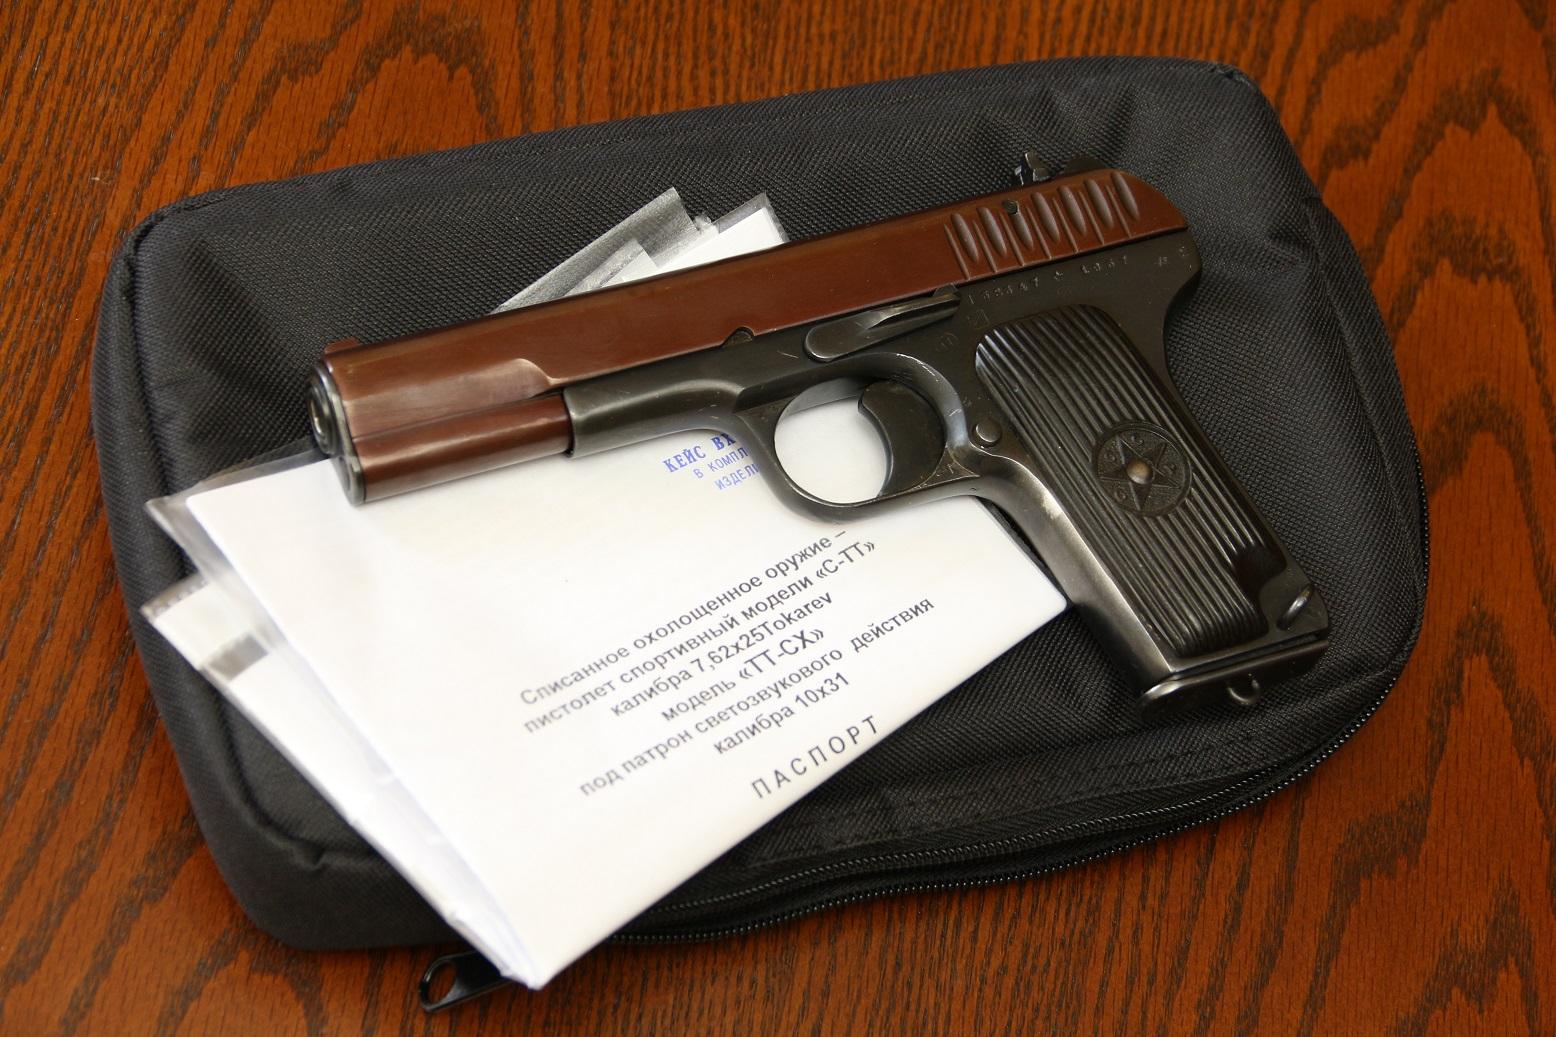 Охолощенный пистолет ТТ-СХ 1937 года, №26239, красный затвор, ДЕАКТИВ 2020 года